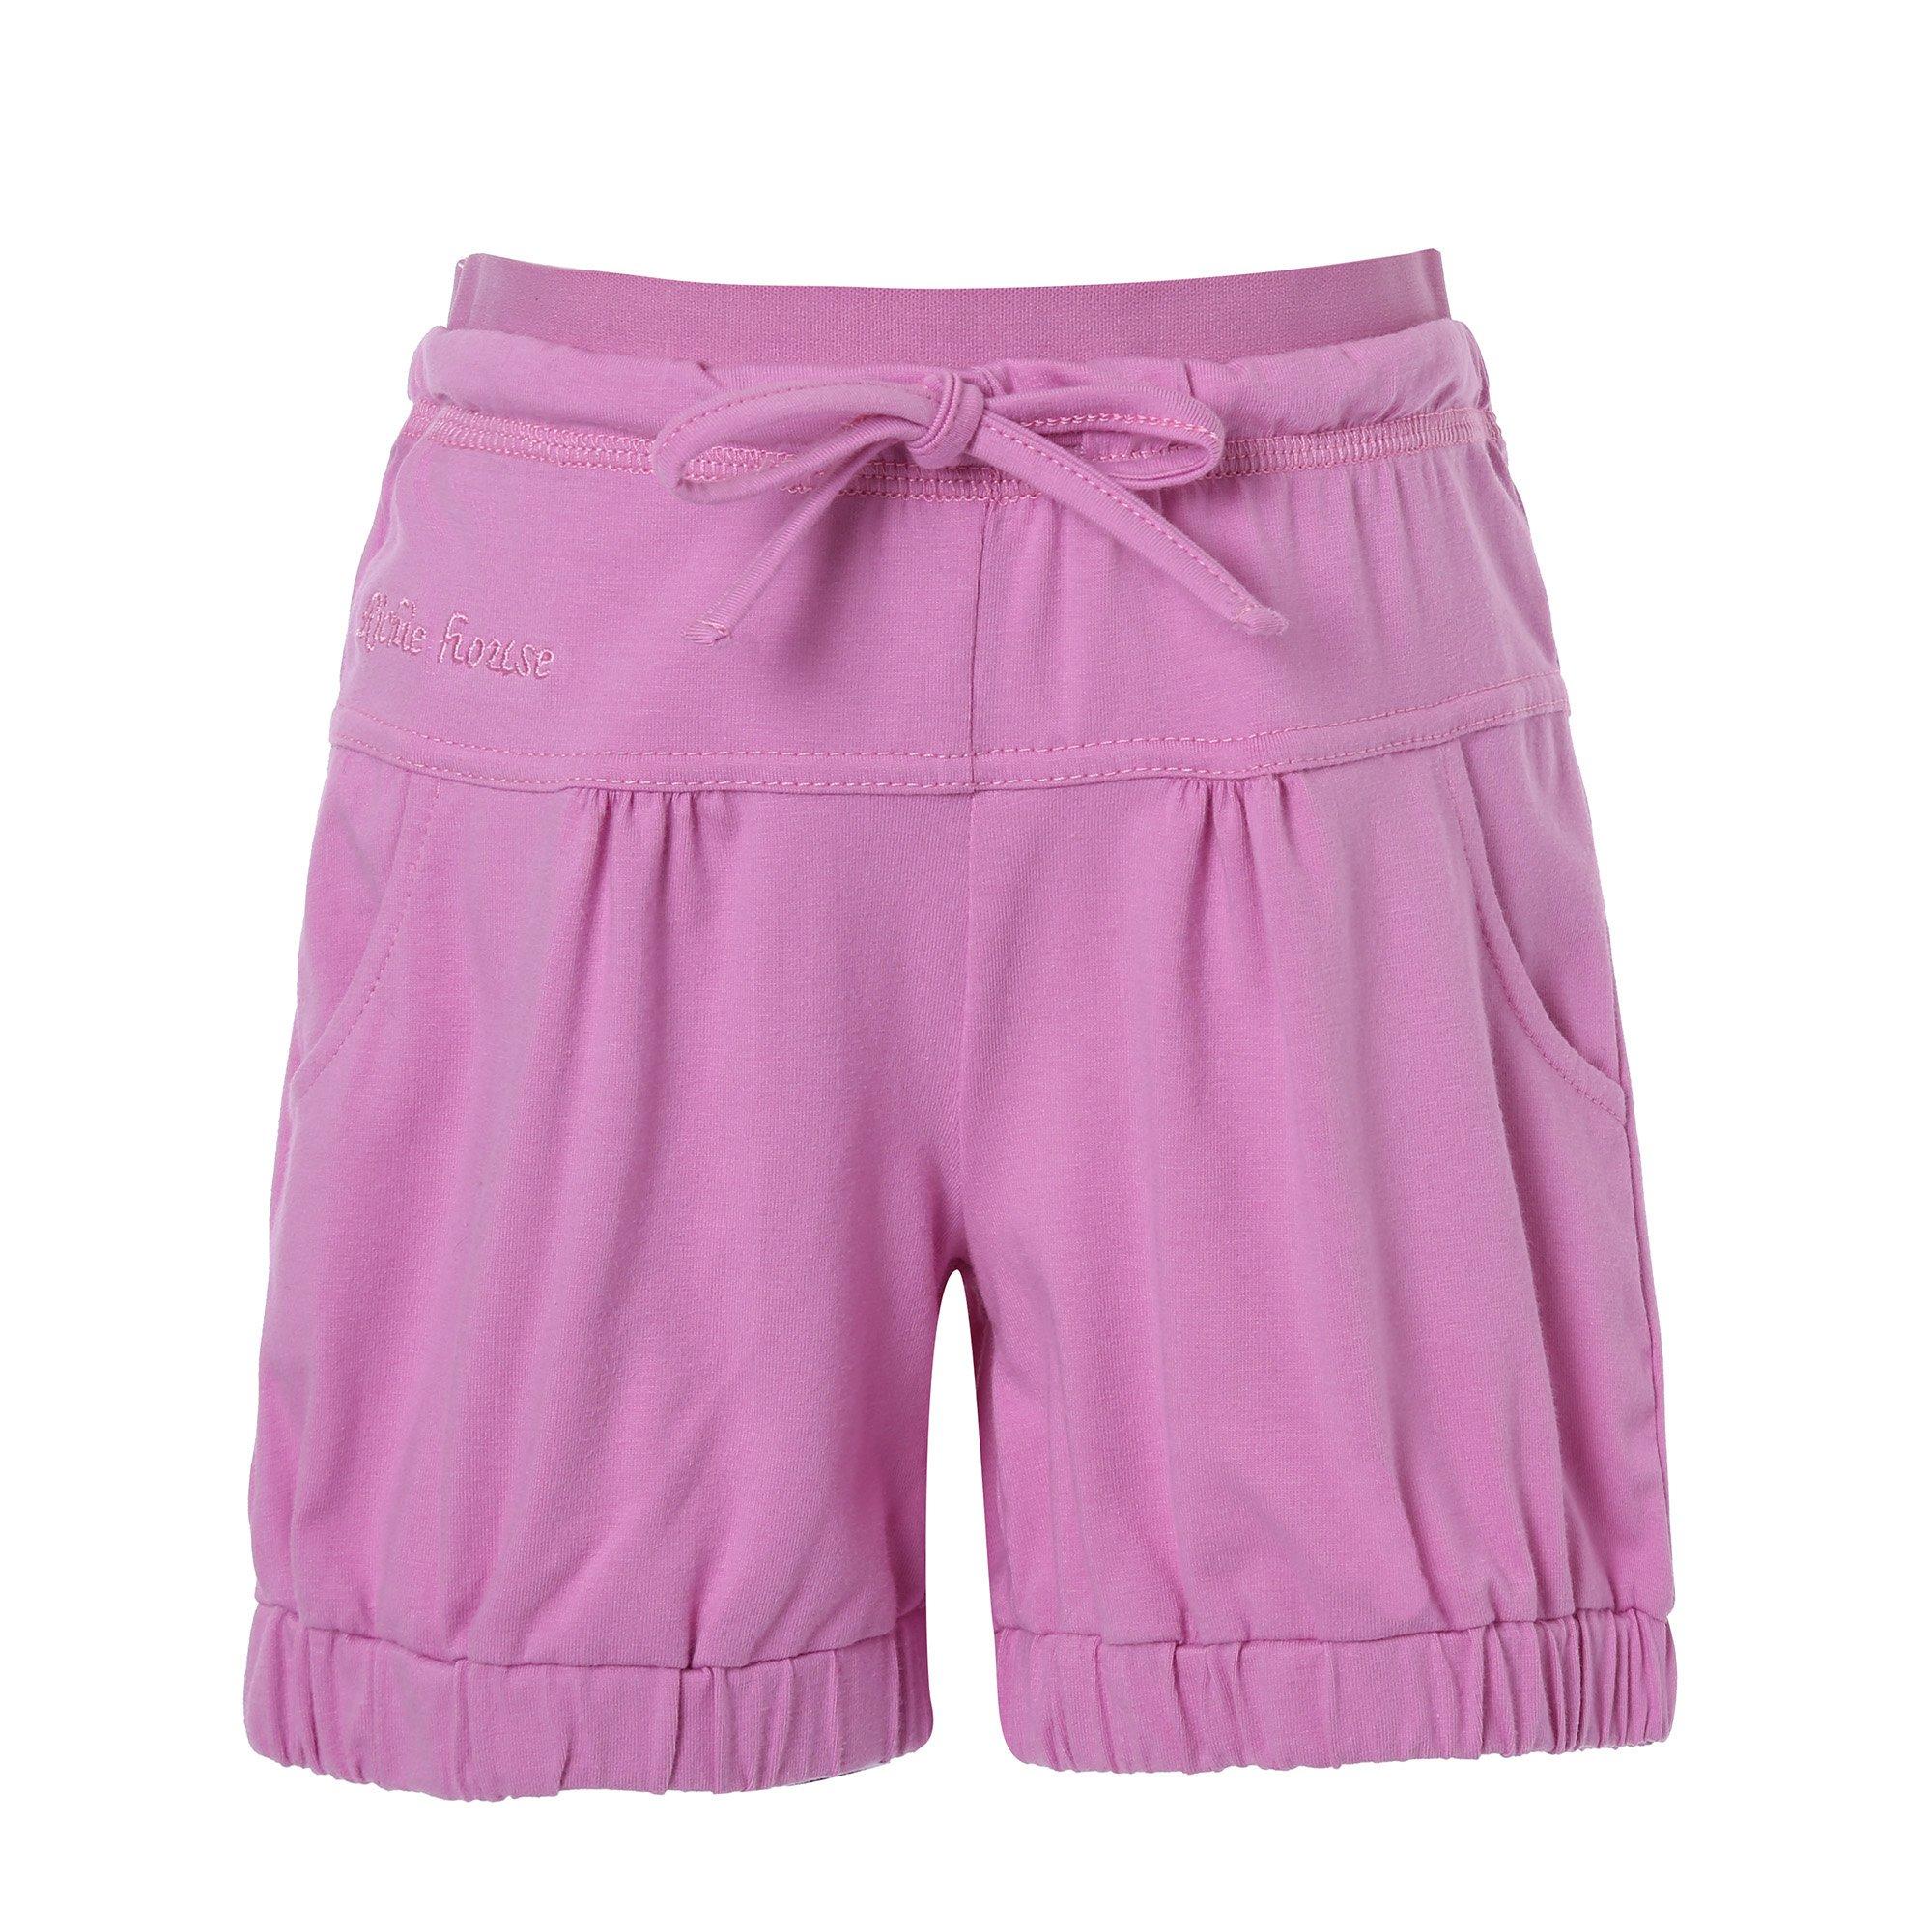 Richie House Little Girls' KnitShorts RH2293-A-6/7